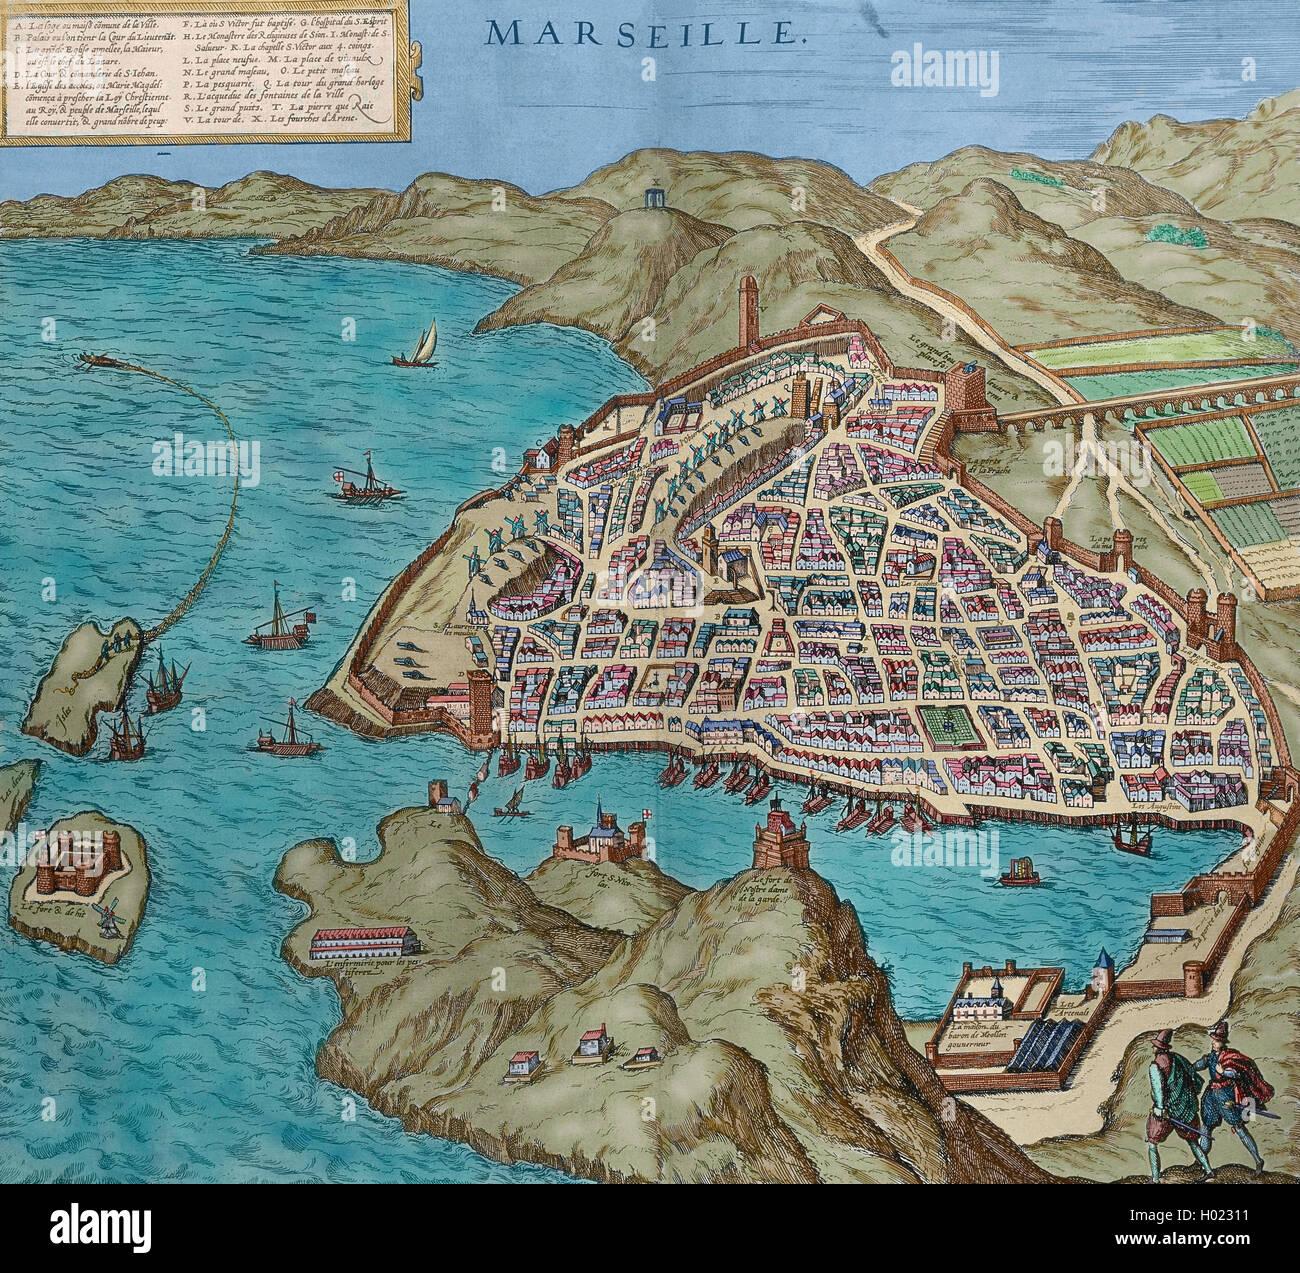 La France. Marseille en 16ème siècle. La carte. Gravure en 'Théâtre des principalles villes Photo Stock